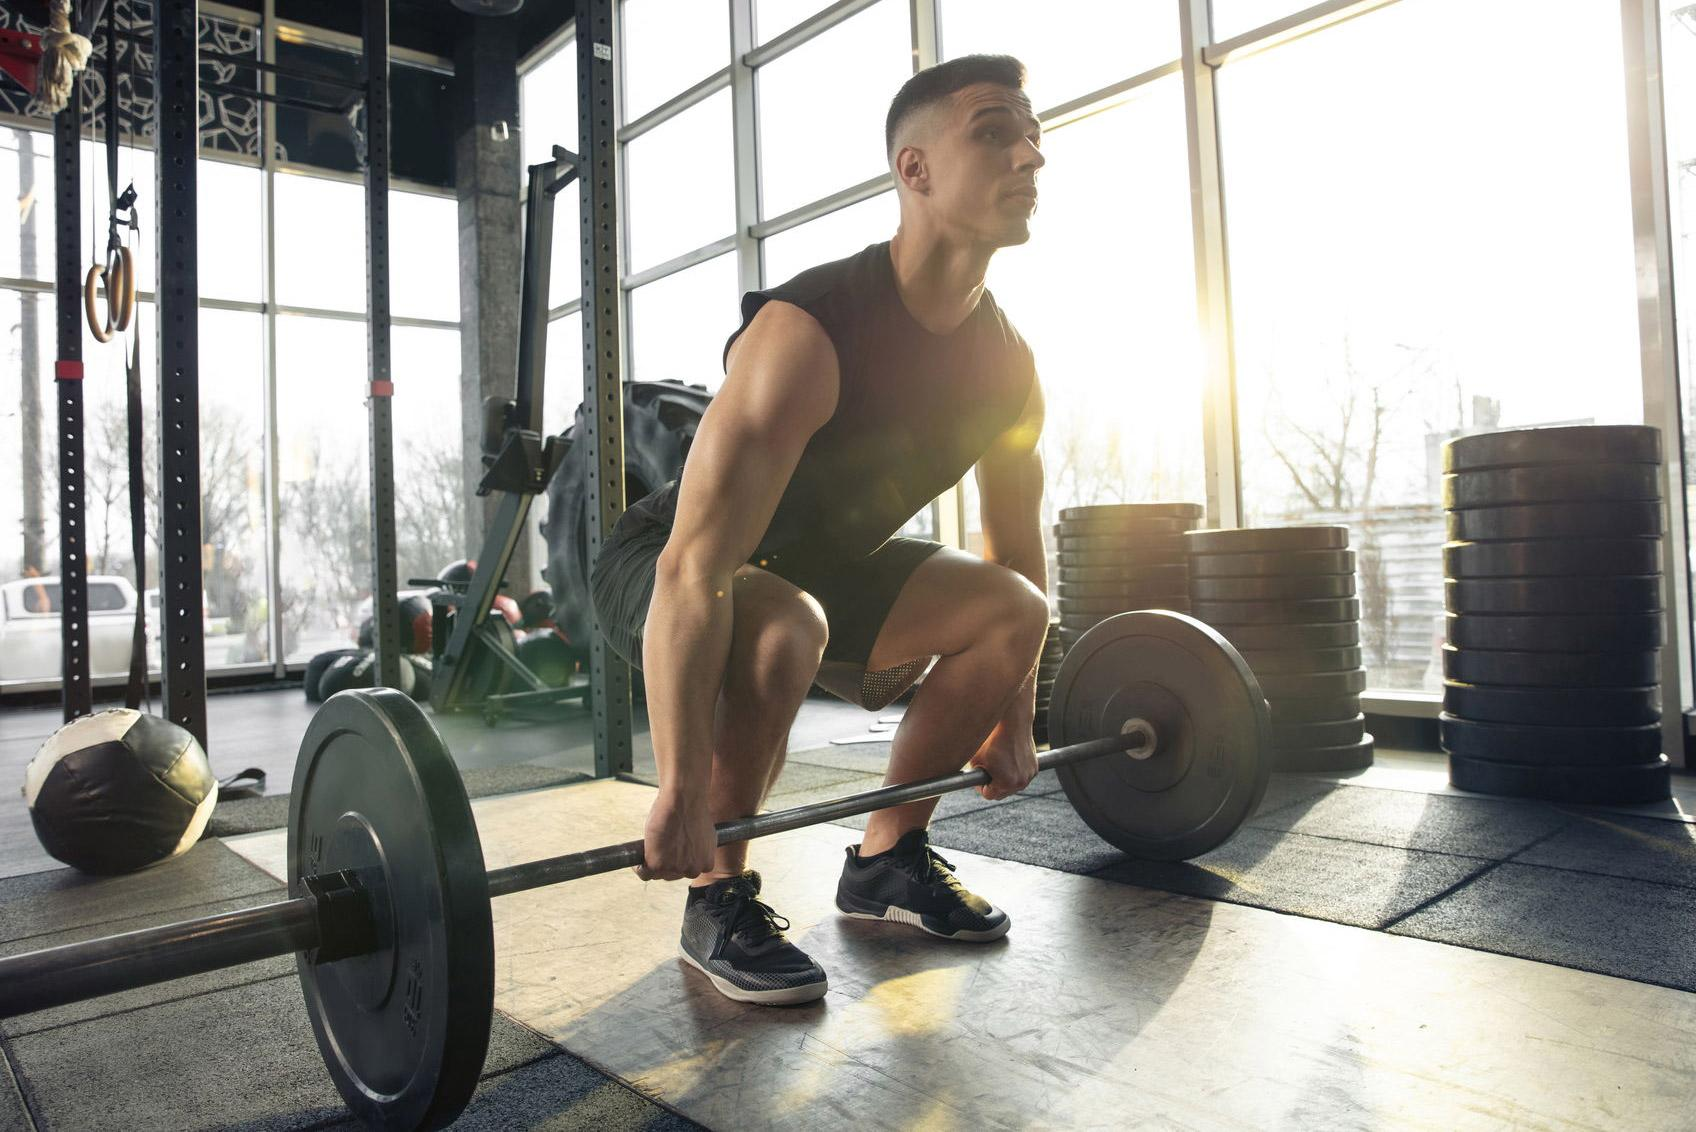 Barres ou haltères : que choisir pour ton entraînement ?